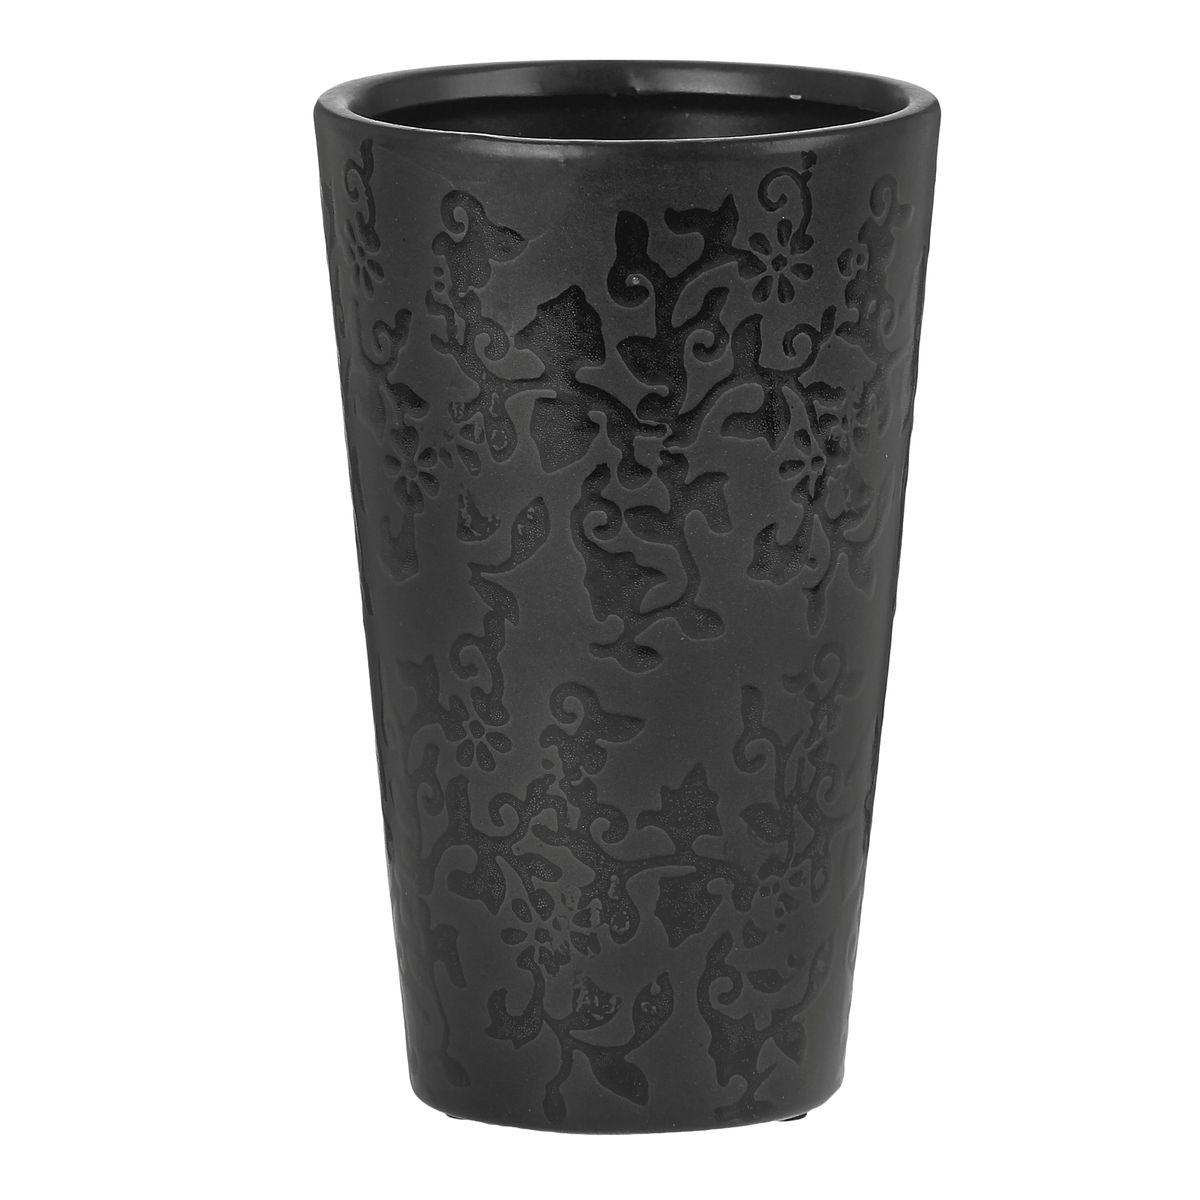 Ваза Sima-land Кружева, высота 19,5 см863609Ваза Sima-land Кружева изготовлена из высококачественной керамики. Изделие оформлено изящным рельефным узором и оснащено антискользящими накладками на дне. Такая стильная ваза с легкостью впишется практически в любой интерьер. Она станет изумительным подарком, который доставит радость, ведь это не только красивый, но еще и функциональный презент.